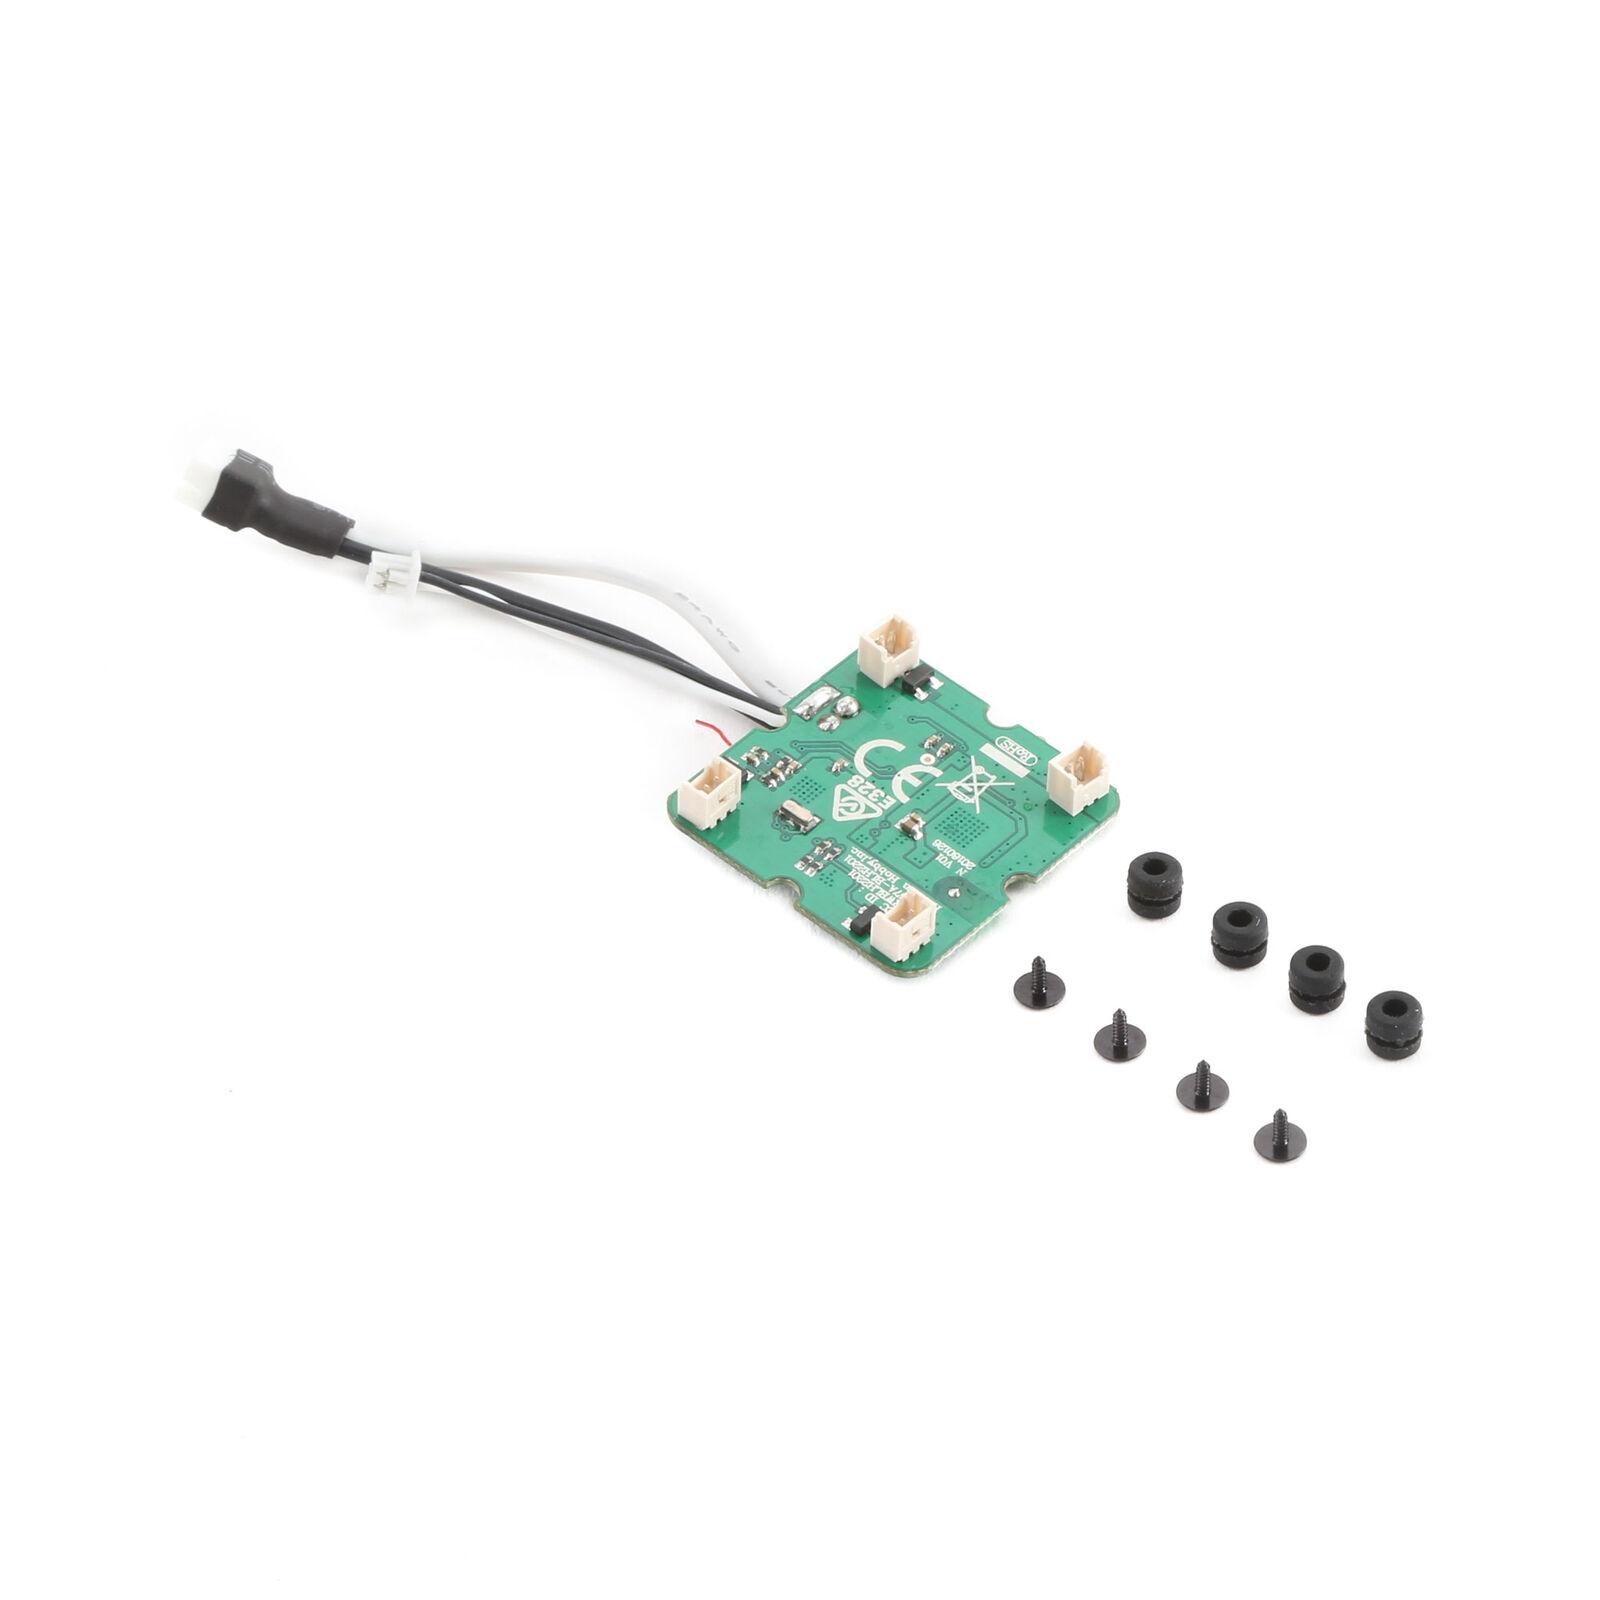 Main Control Board: Nano QX 2 FPV